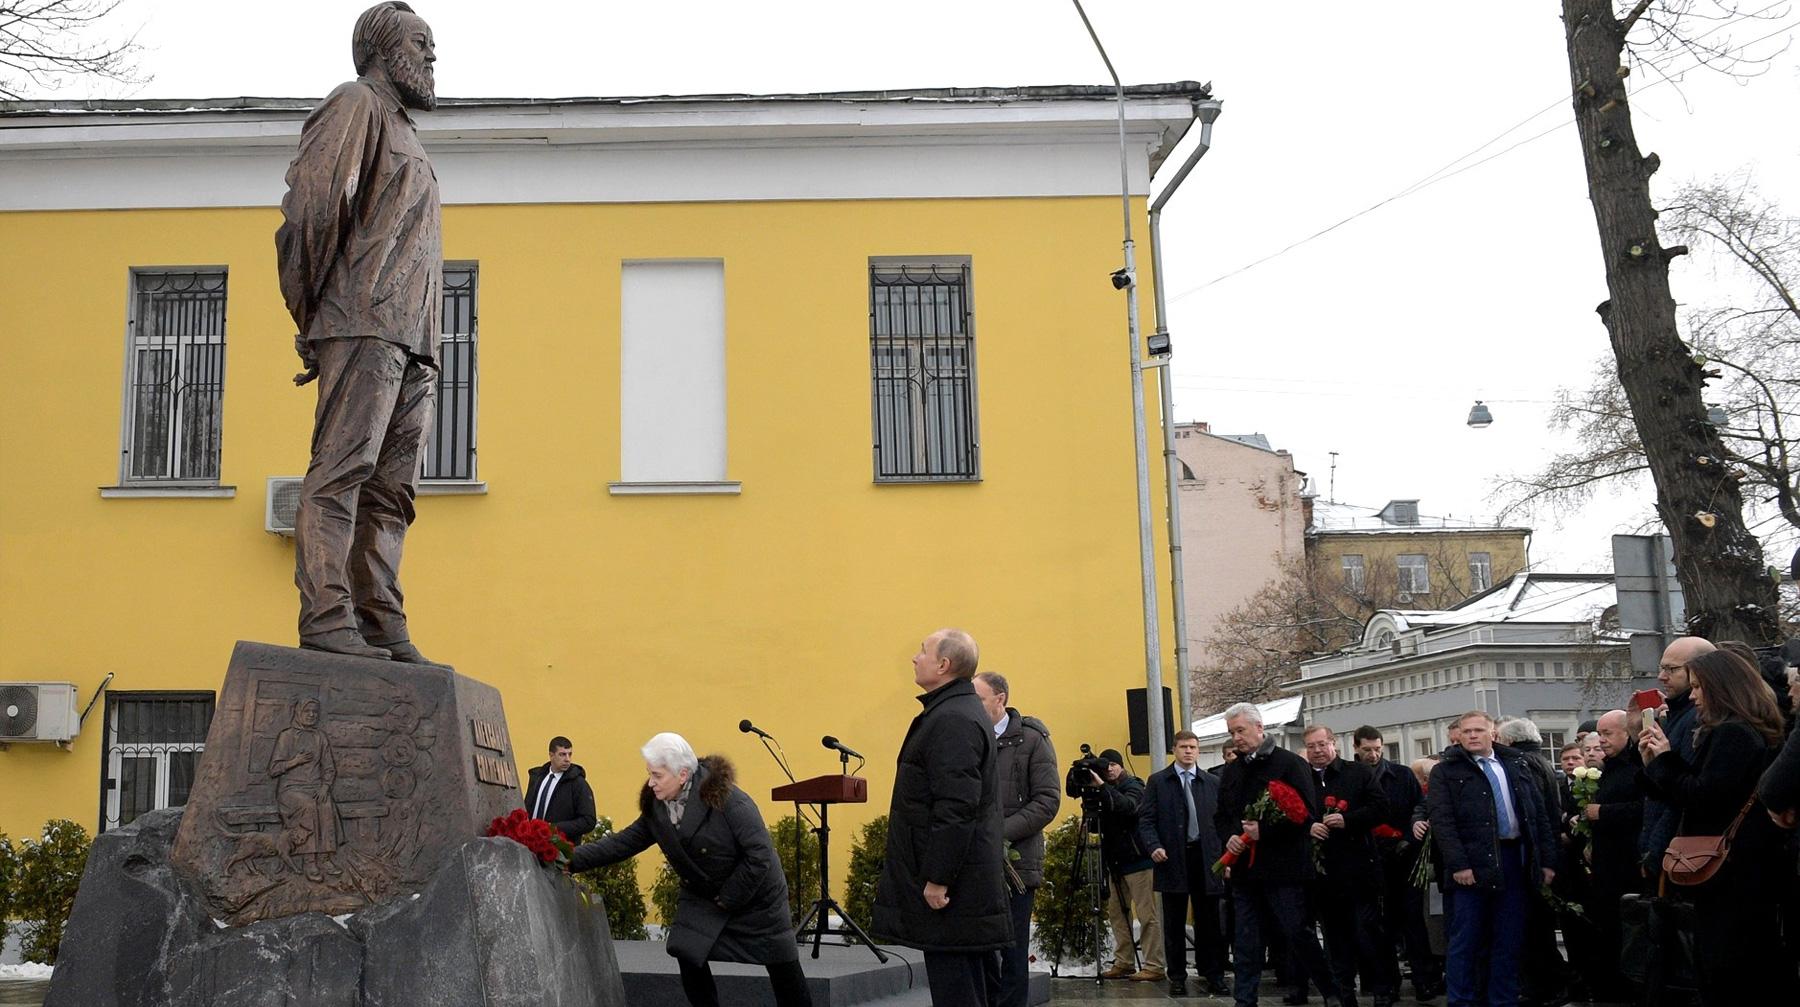 20181211_14-01-Путин открыл памятник Солженицыну в Москве-pic1